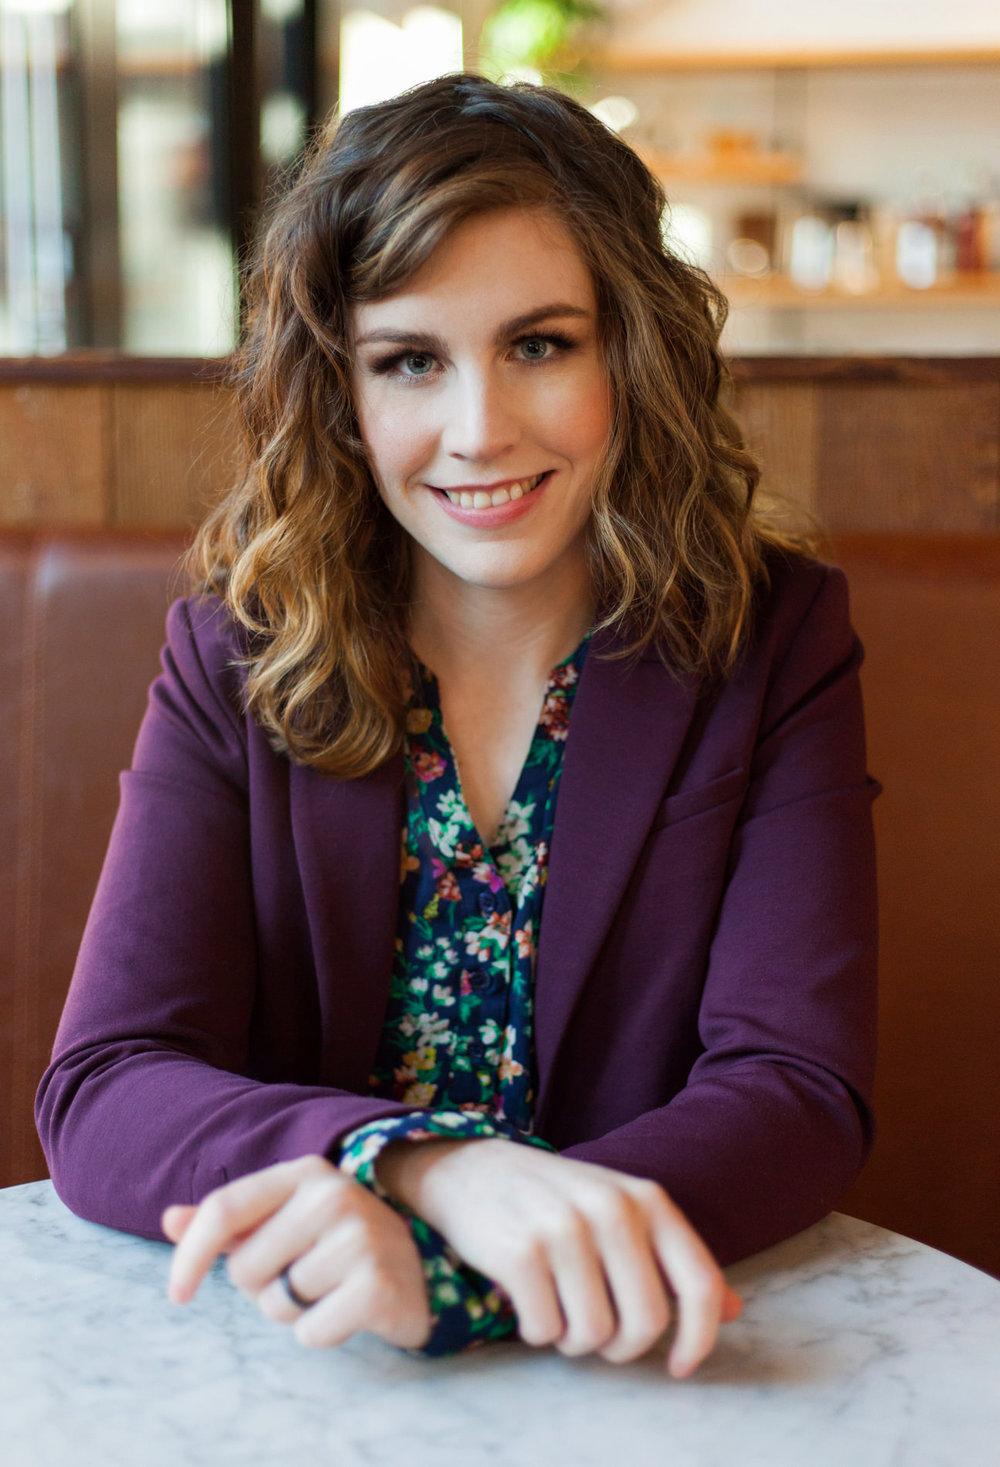 HaleyMcLain-MeganPersonalBranding-19.jpg